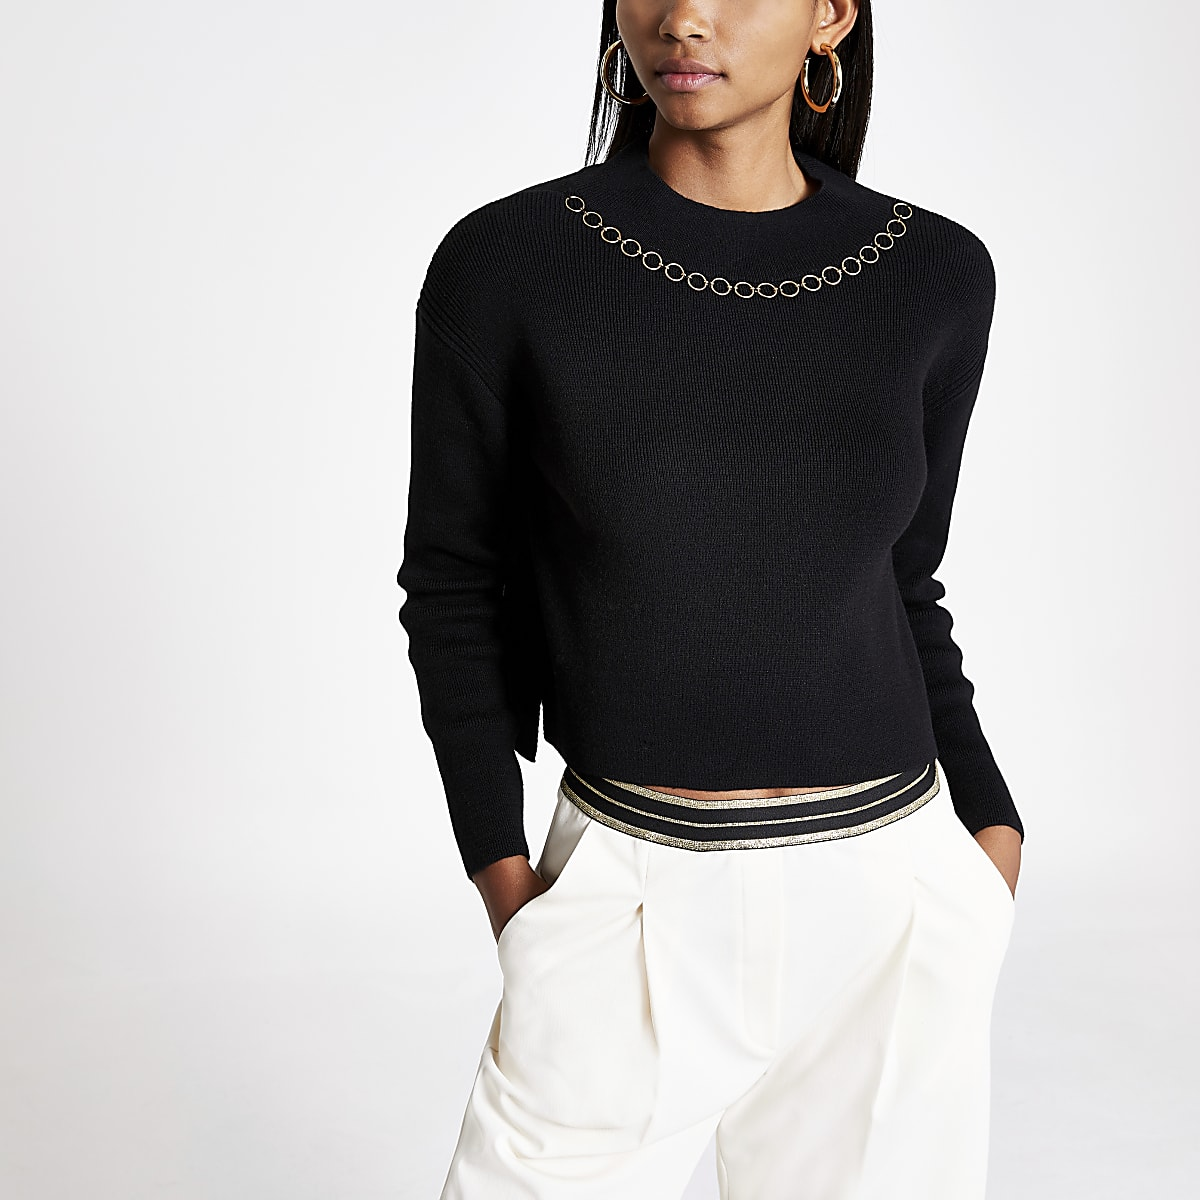 Zwarte pullover met ketting